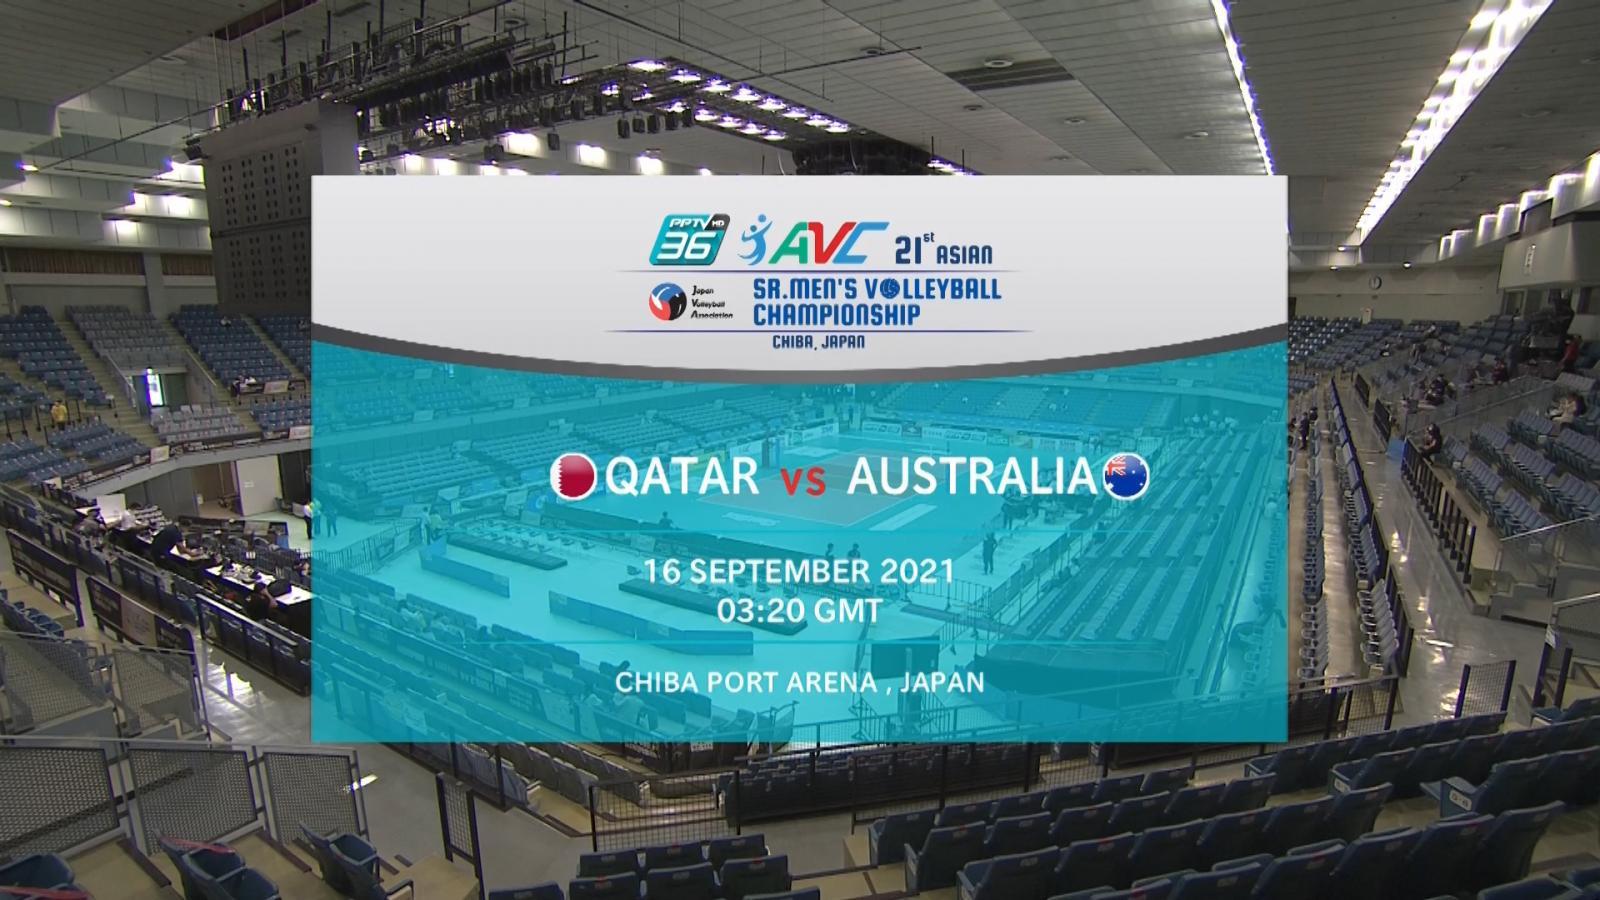 Full Match | พีพีทีวี วอลเลย์บอลชาย เจวีเอ ชิงชนะเลิศแห่งเอเชีย | กาตาร์ พบ ออสเตรเลีย | 16 ก.ย. 64